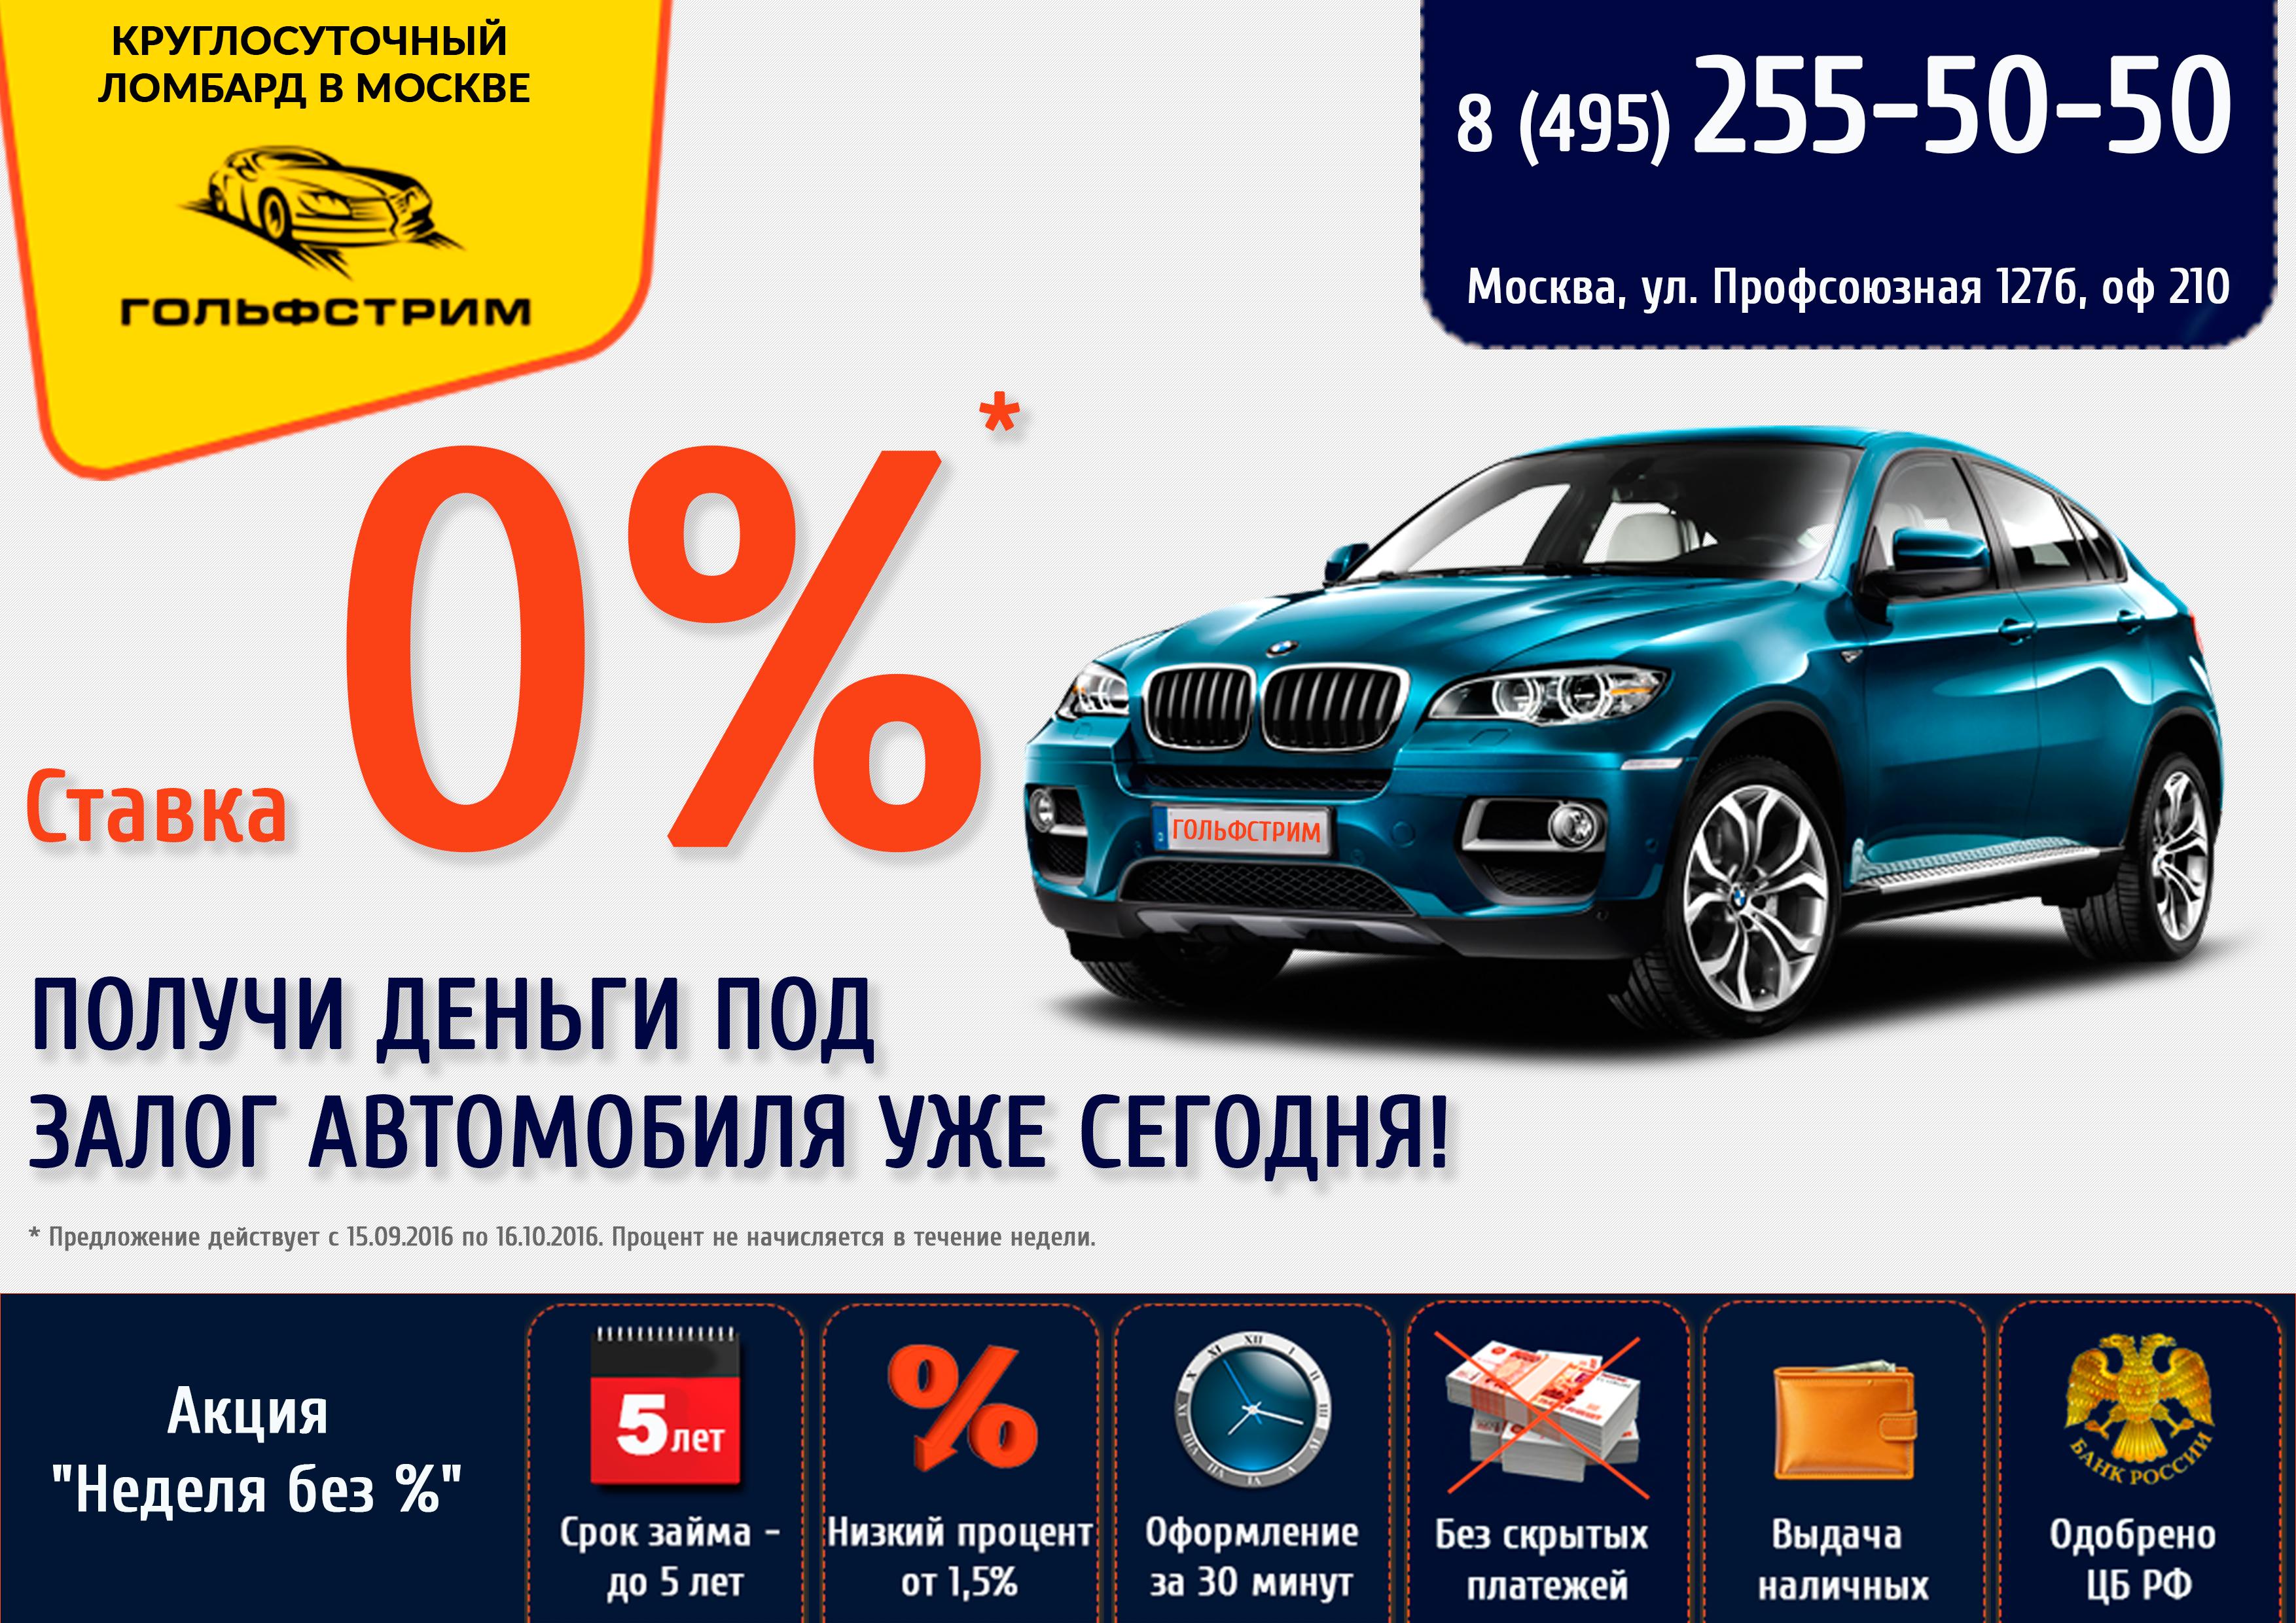 Кредит-под-залог-автомобиля-0%